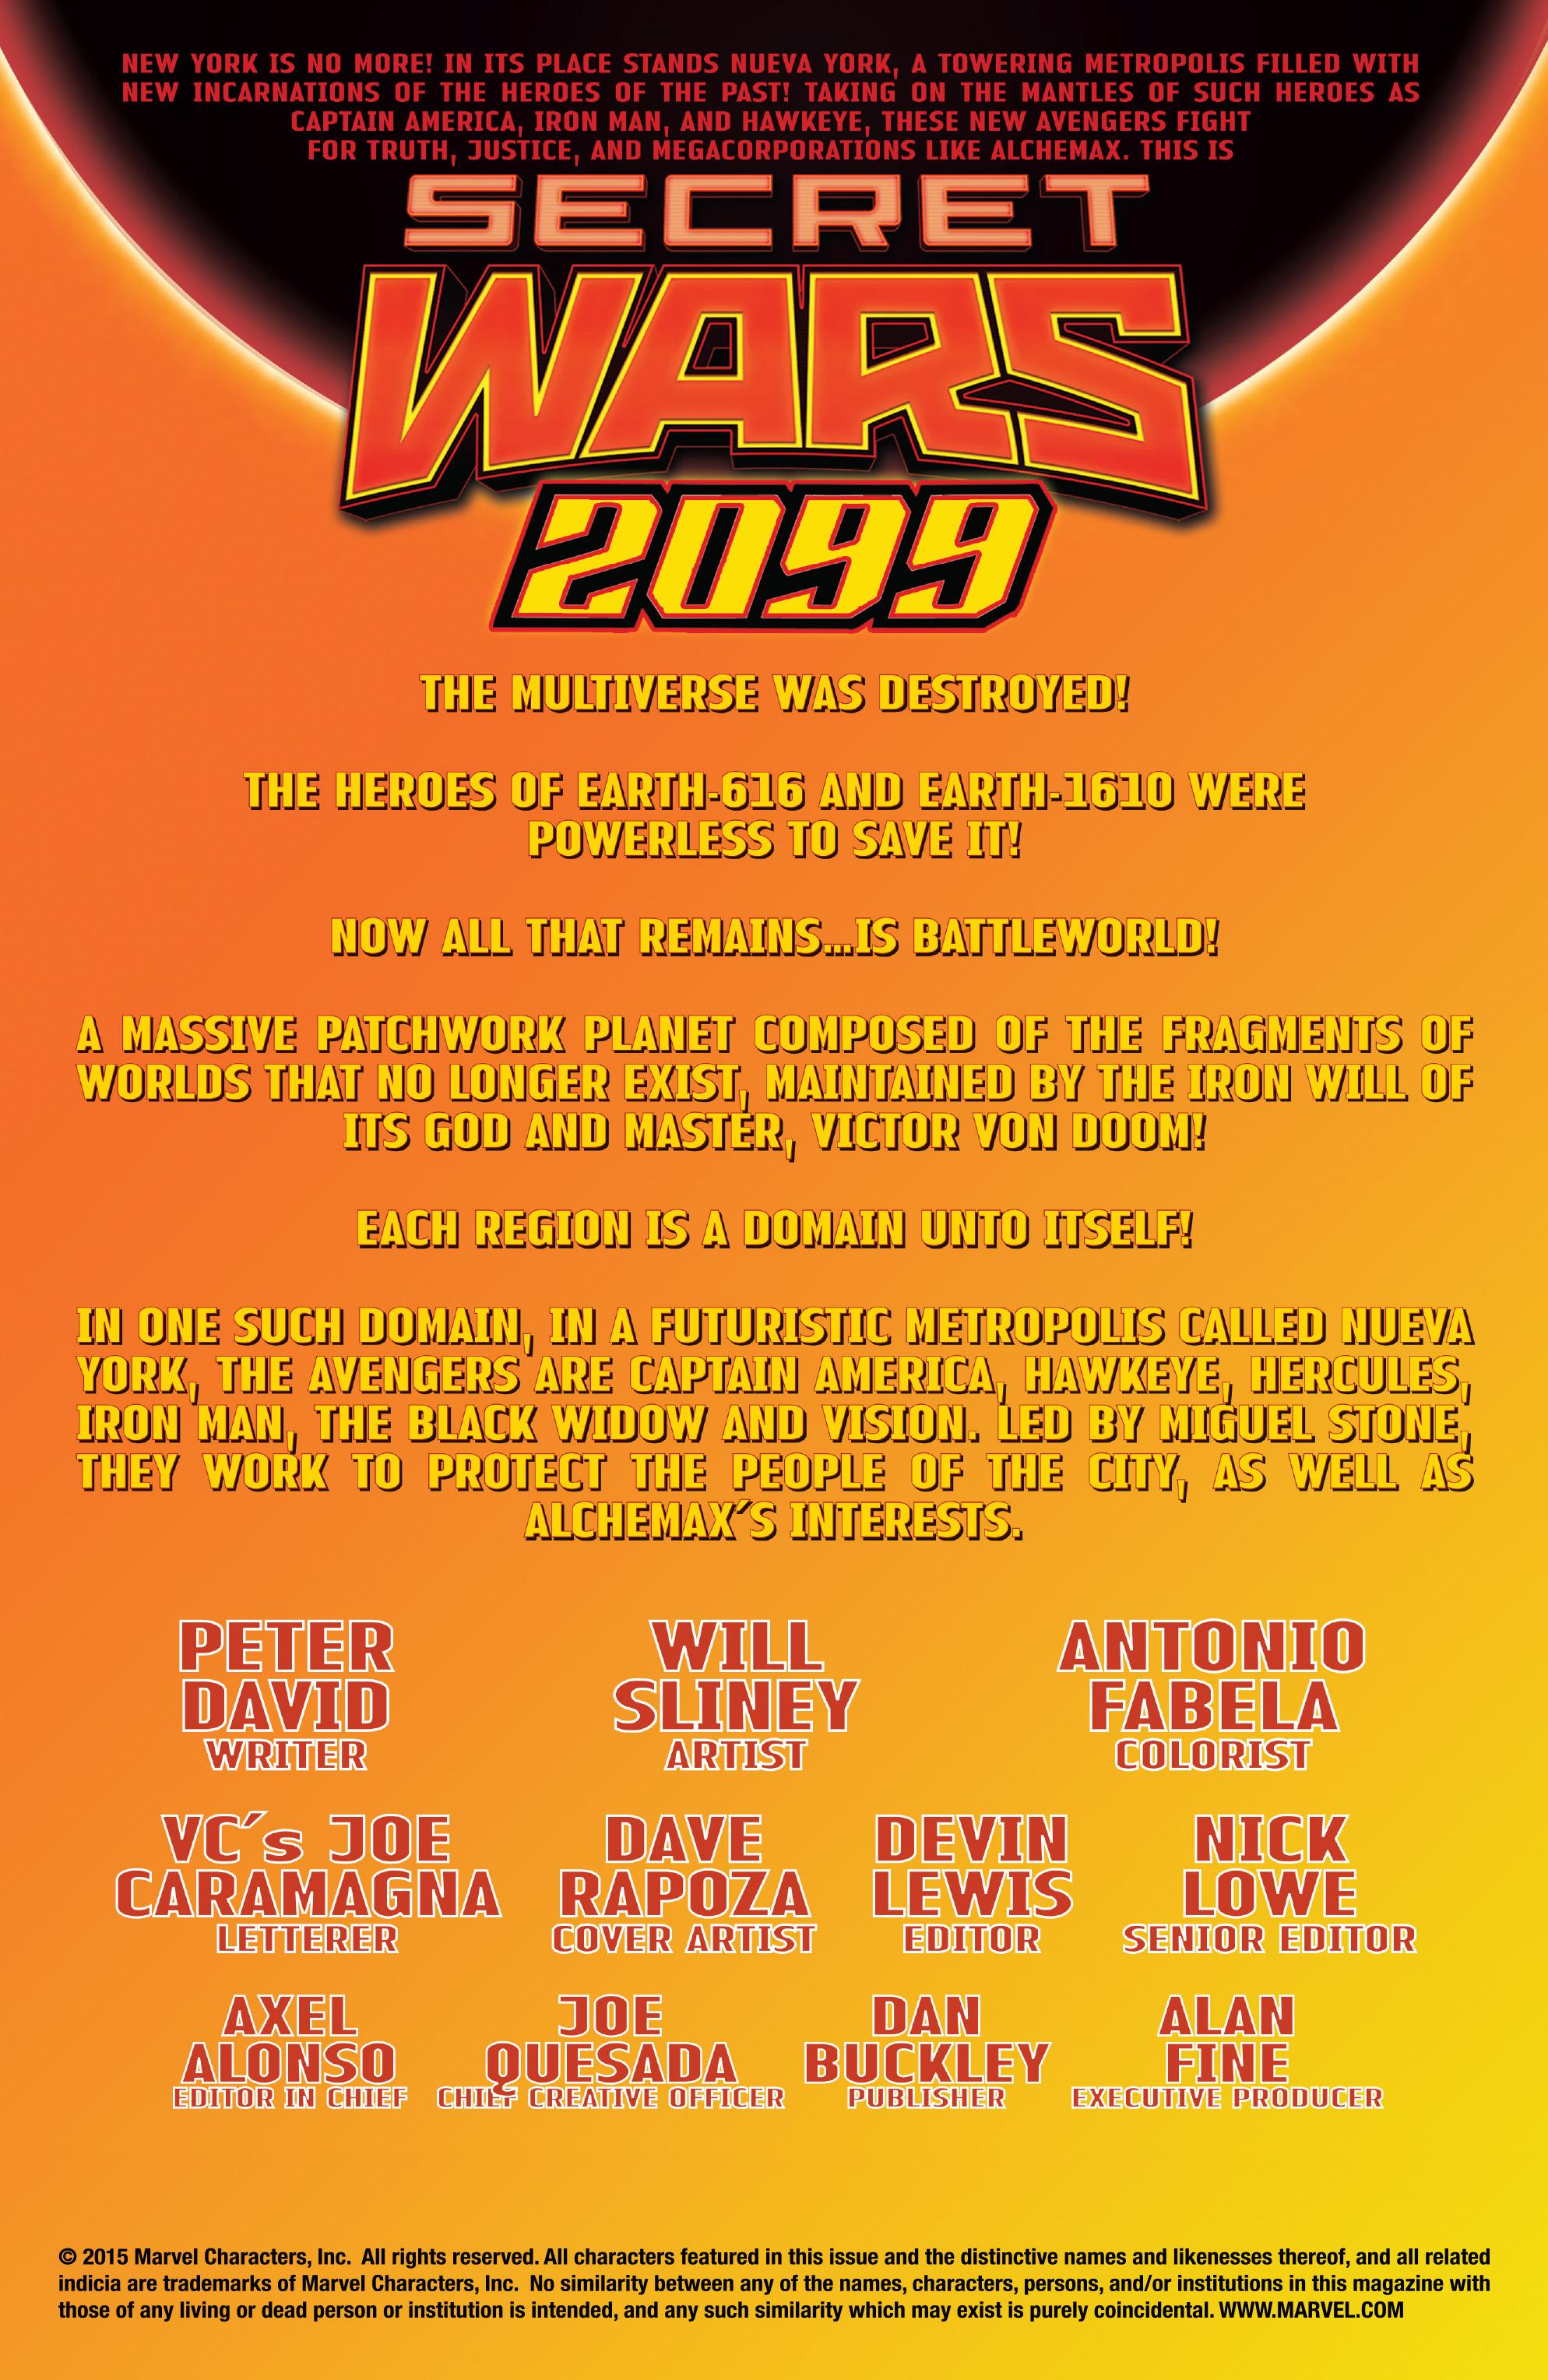 Read online Secret Wars 2099 comic -  Issue #2 - 2